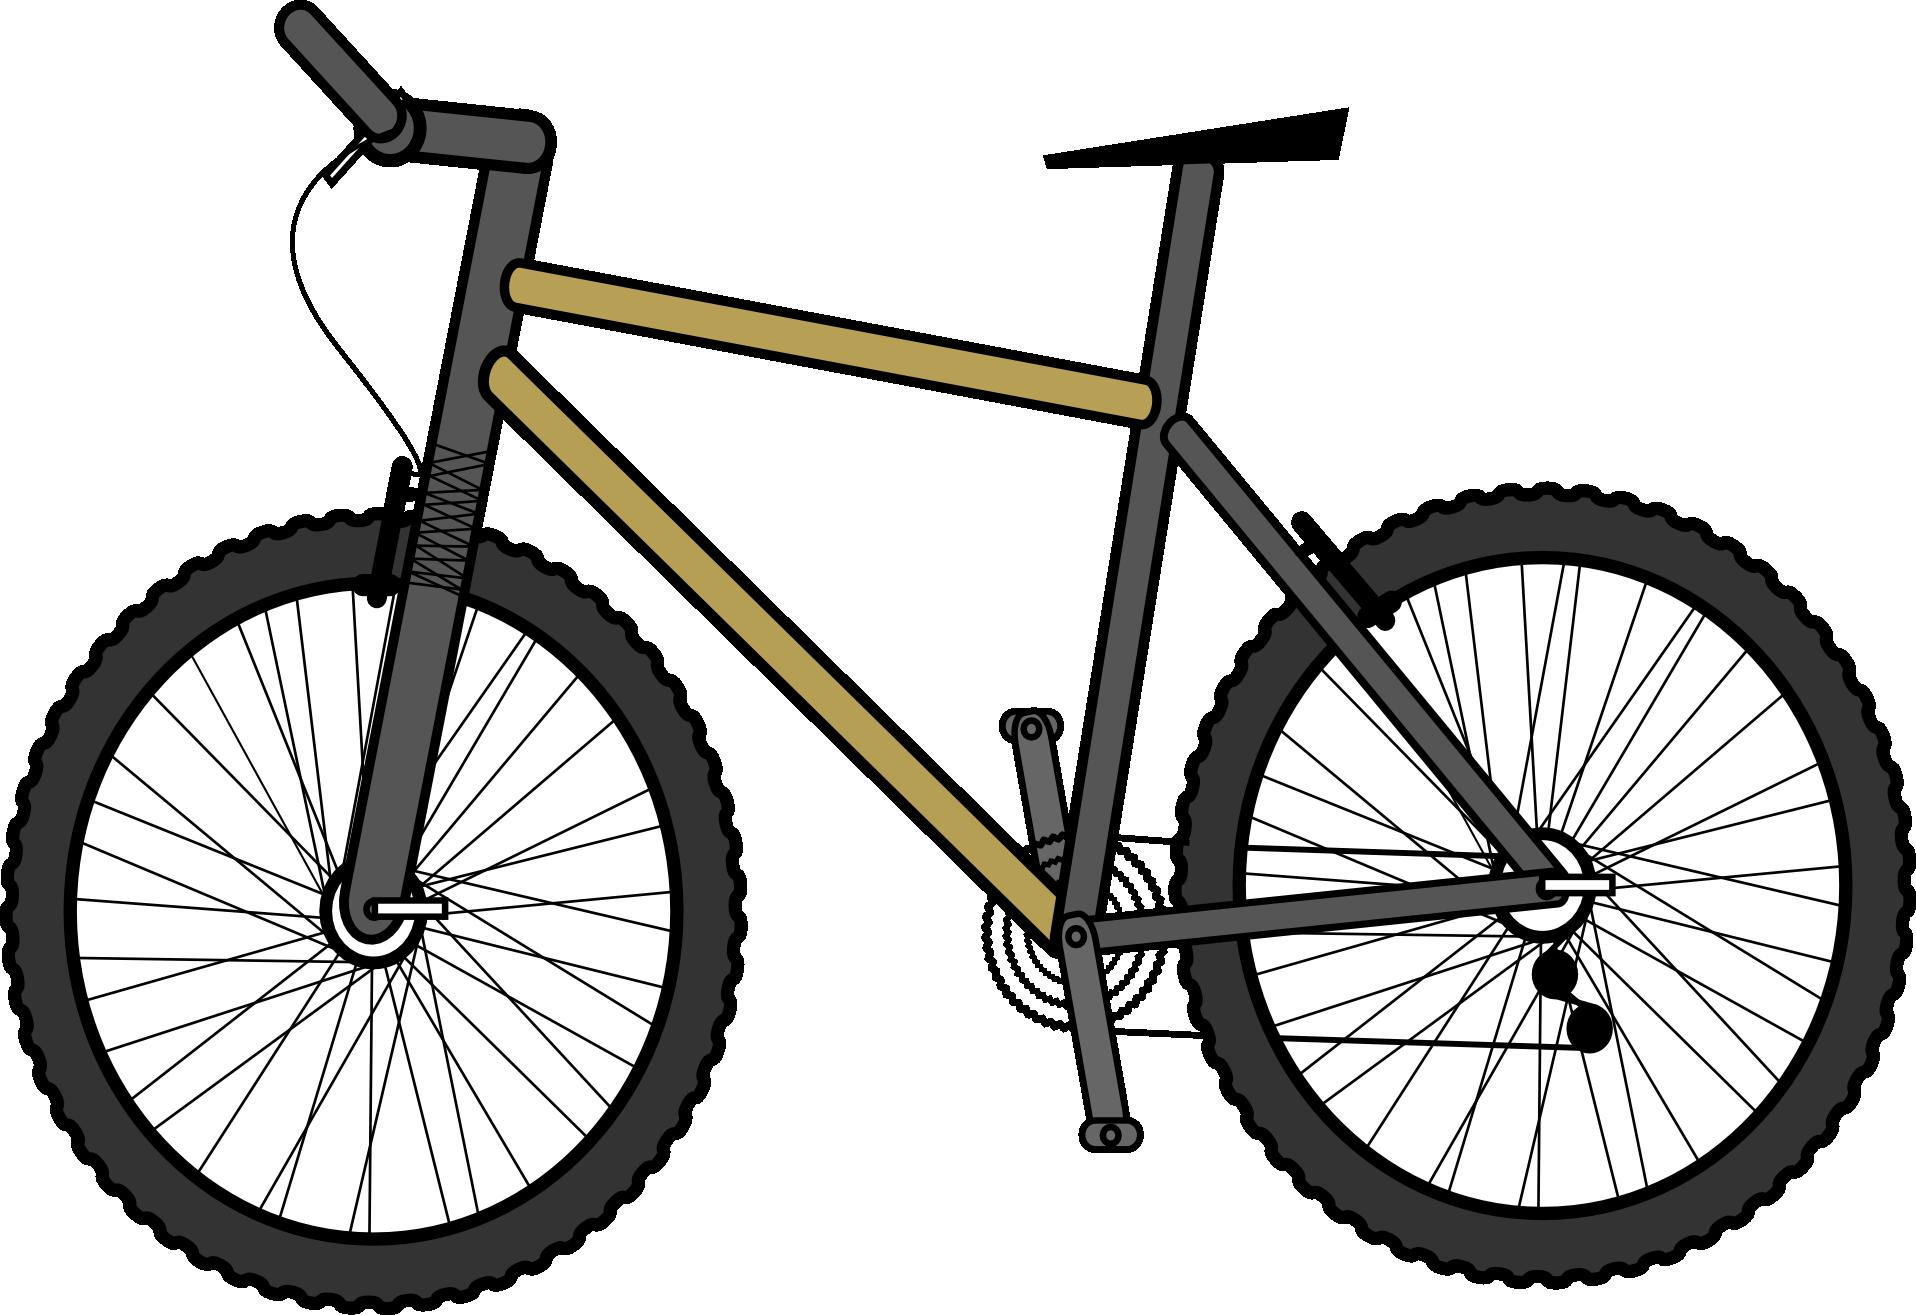 Tiedostonimi: cykel.png. Kuvan on tehnyt: OpenClipart. Koulu:  Utbildningsavdelningen Kuvan nimi: Cykel Kategoria: Urheilu Koristeelliset  osat - PNG Cykel